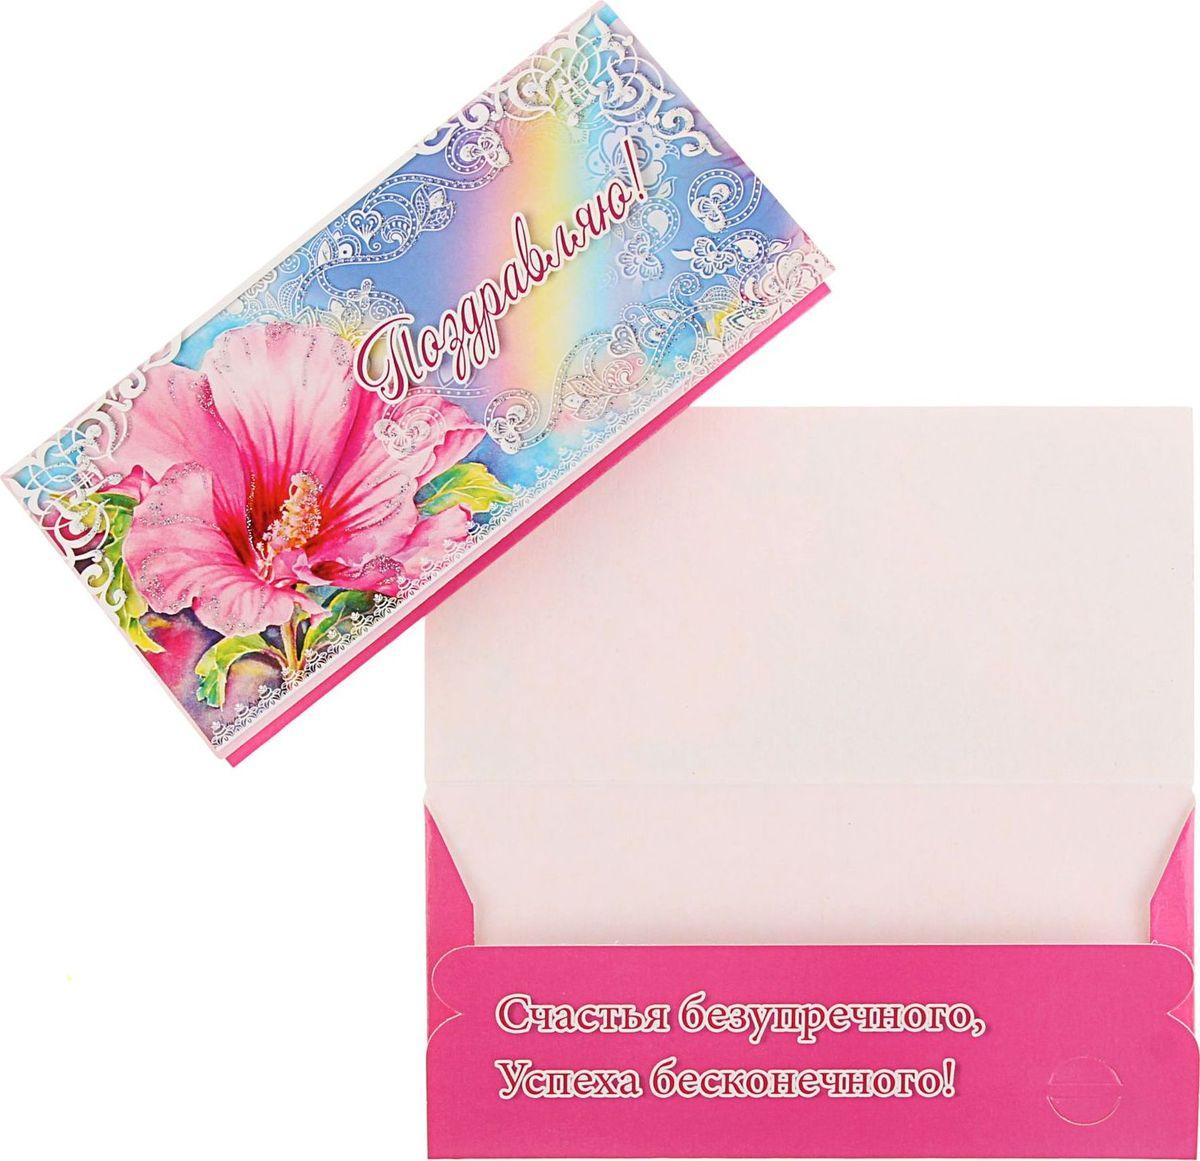 Конверт для денег Этюд Поздравляю! Розовый цветок, 15,7 х 8 см1732777Невозможно представить нашу жизнь без праздников! Мы всегда ждём их и предвкушаем, обдумываем, как проведём памятный день, тщательно выбираем подарки и аксессуары, ведь именно они создают и поддерживают торжественный настрой. Этот конверт - отличный выбор, который привнесёт атмосферу праздника в ваш дом!